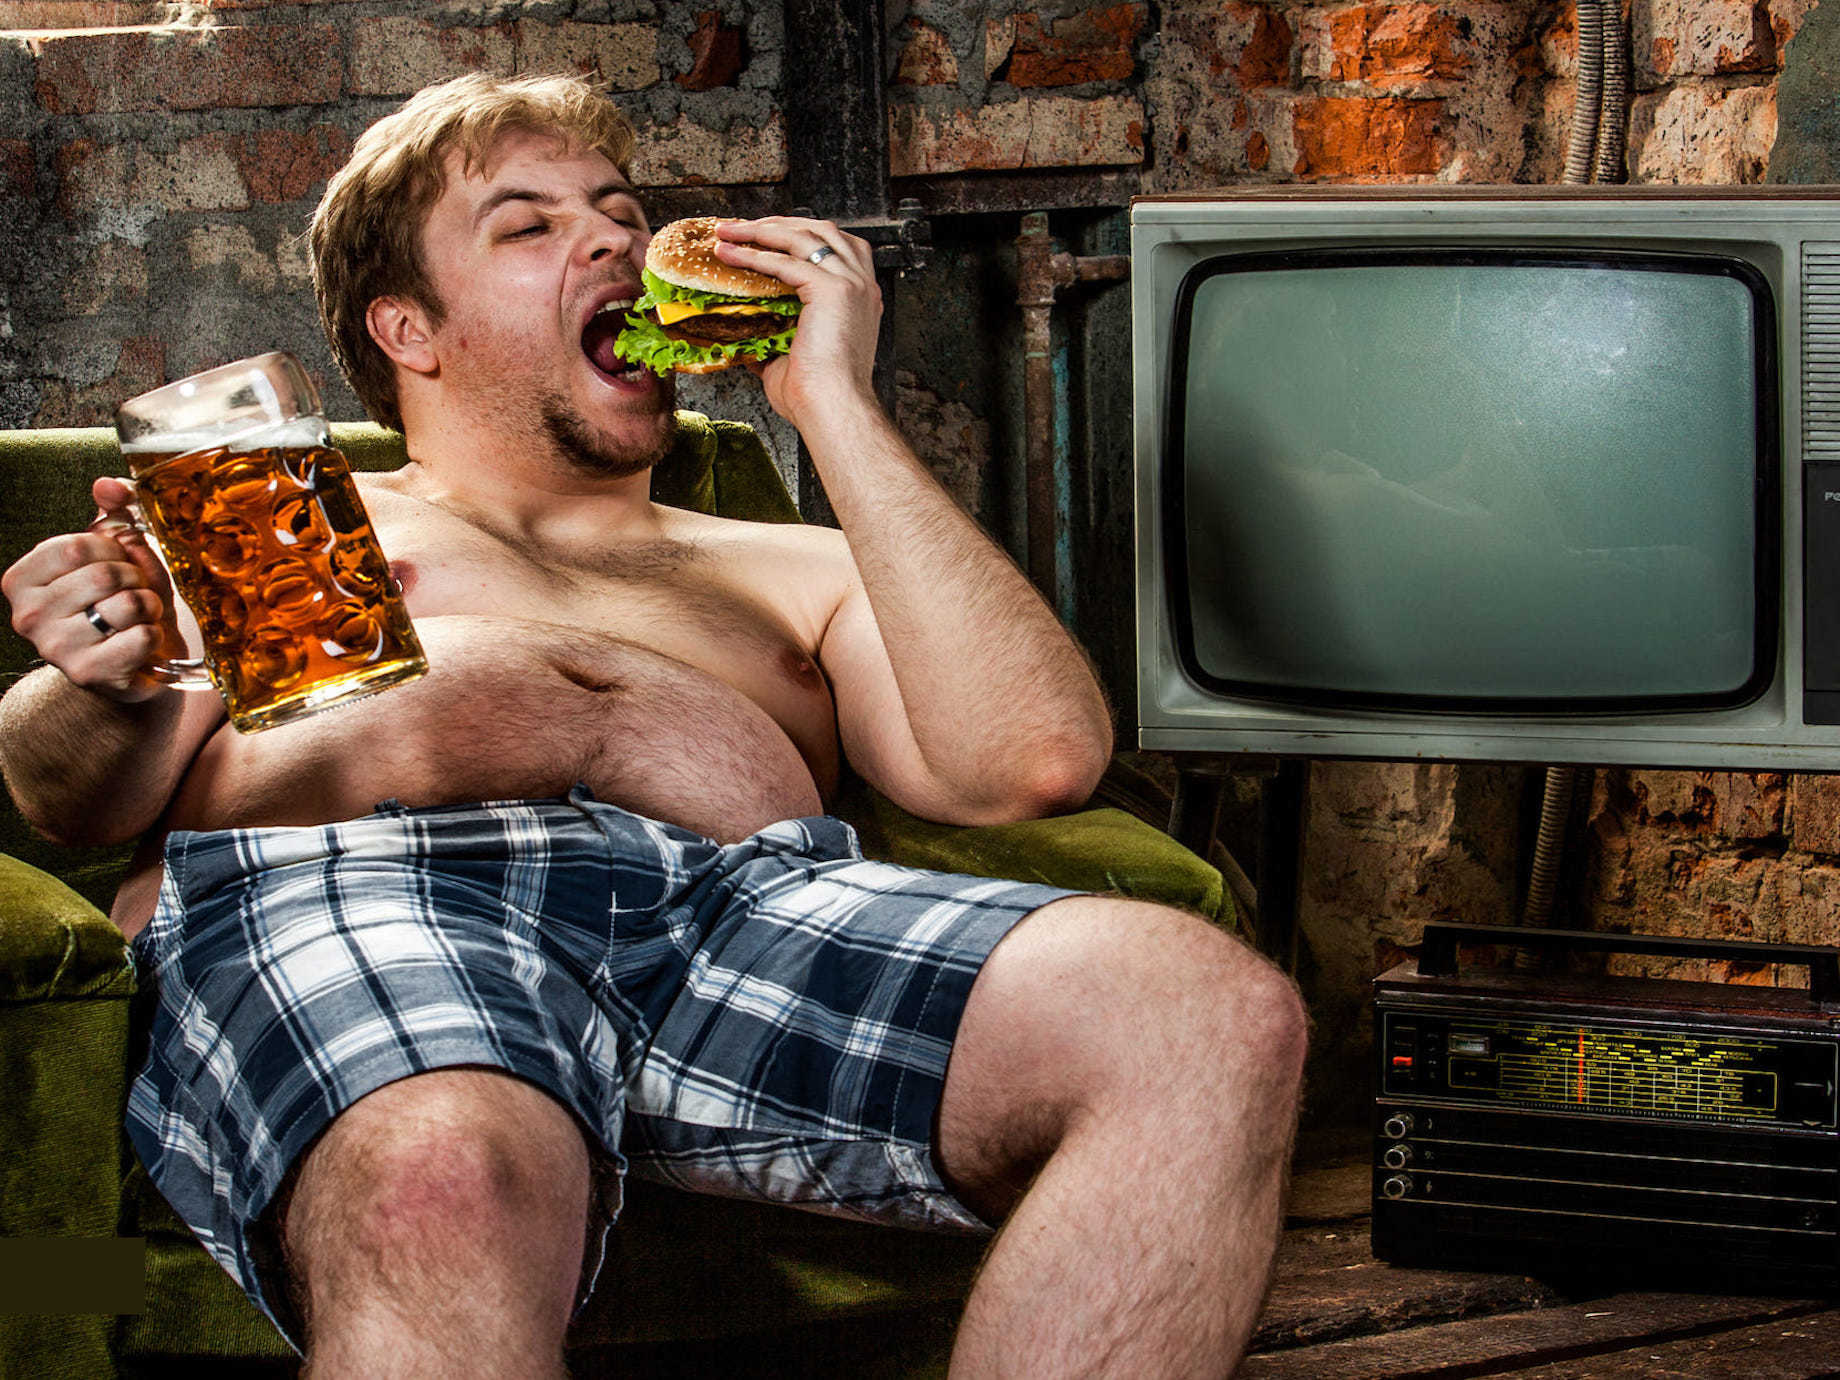 拼命減肥卻苦無成效?3步驟檢視你的「減重心態」,破解長年瘦不下來的窘境